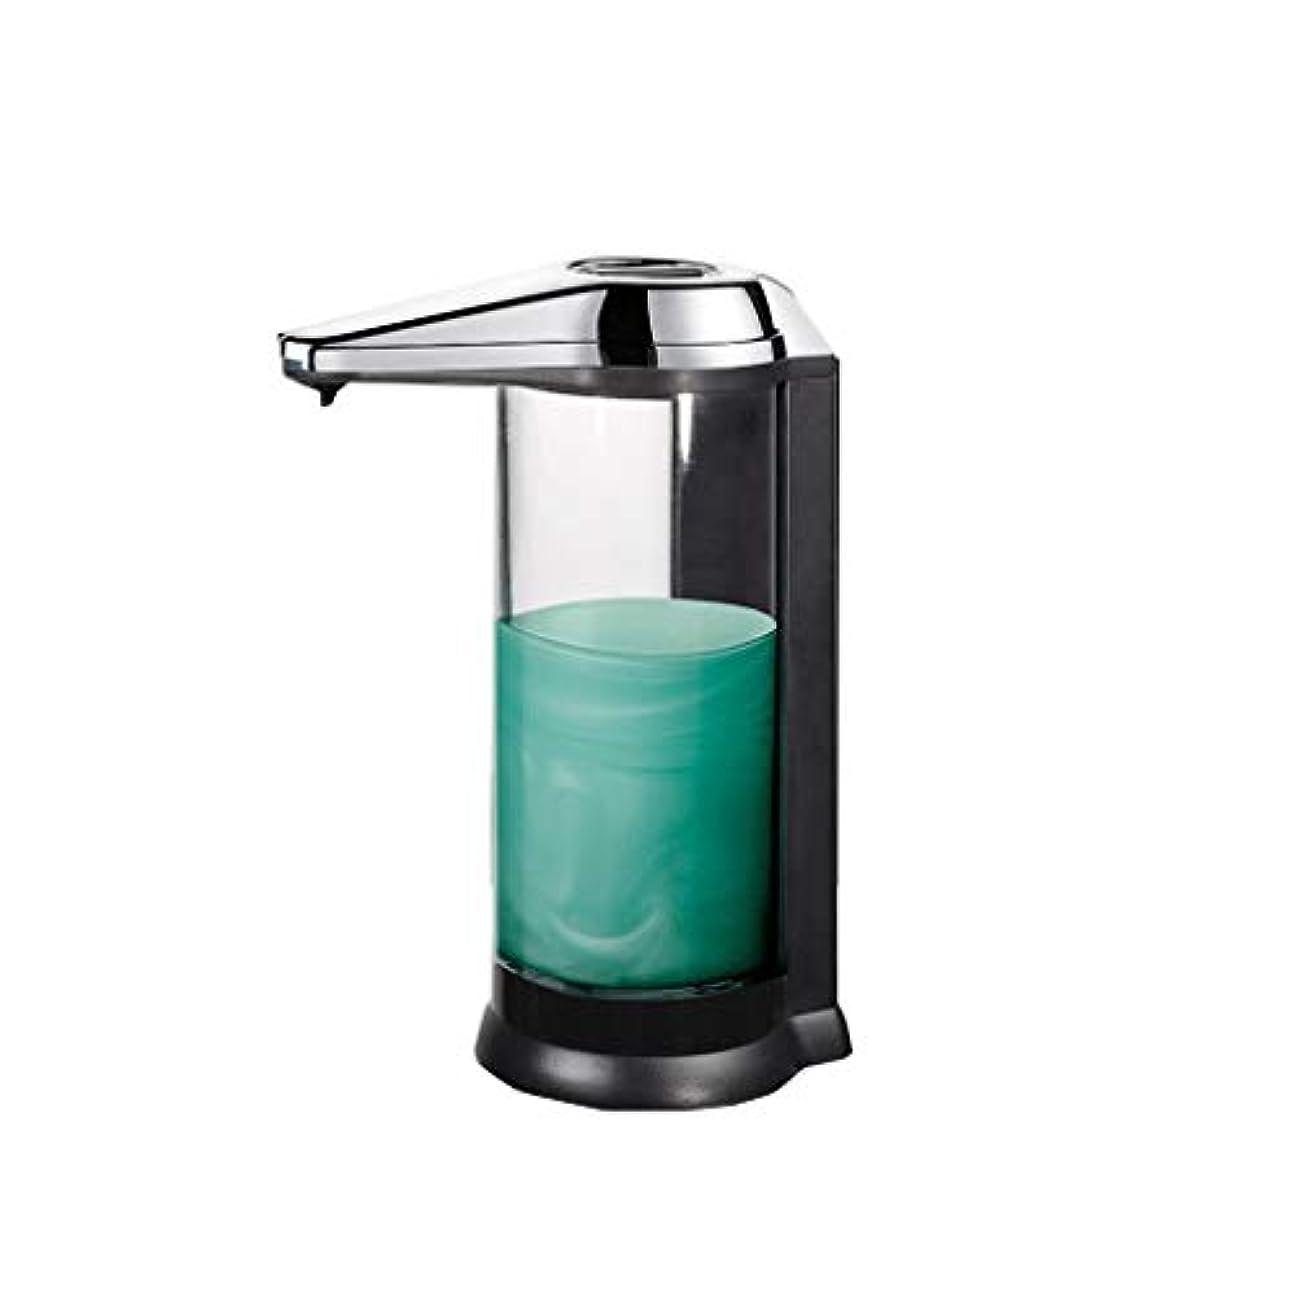 効果的警告汚いせっけん ソープディスペンサー自動ソープディスペンサー赤外線モーションセンサー液体ディスペンサー防水リークプルーフ非接触石鹸子供、キッチン、バスルームに適して 新しい